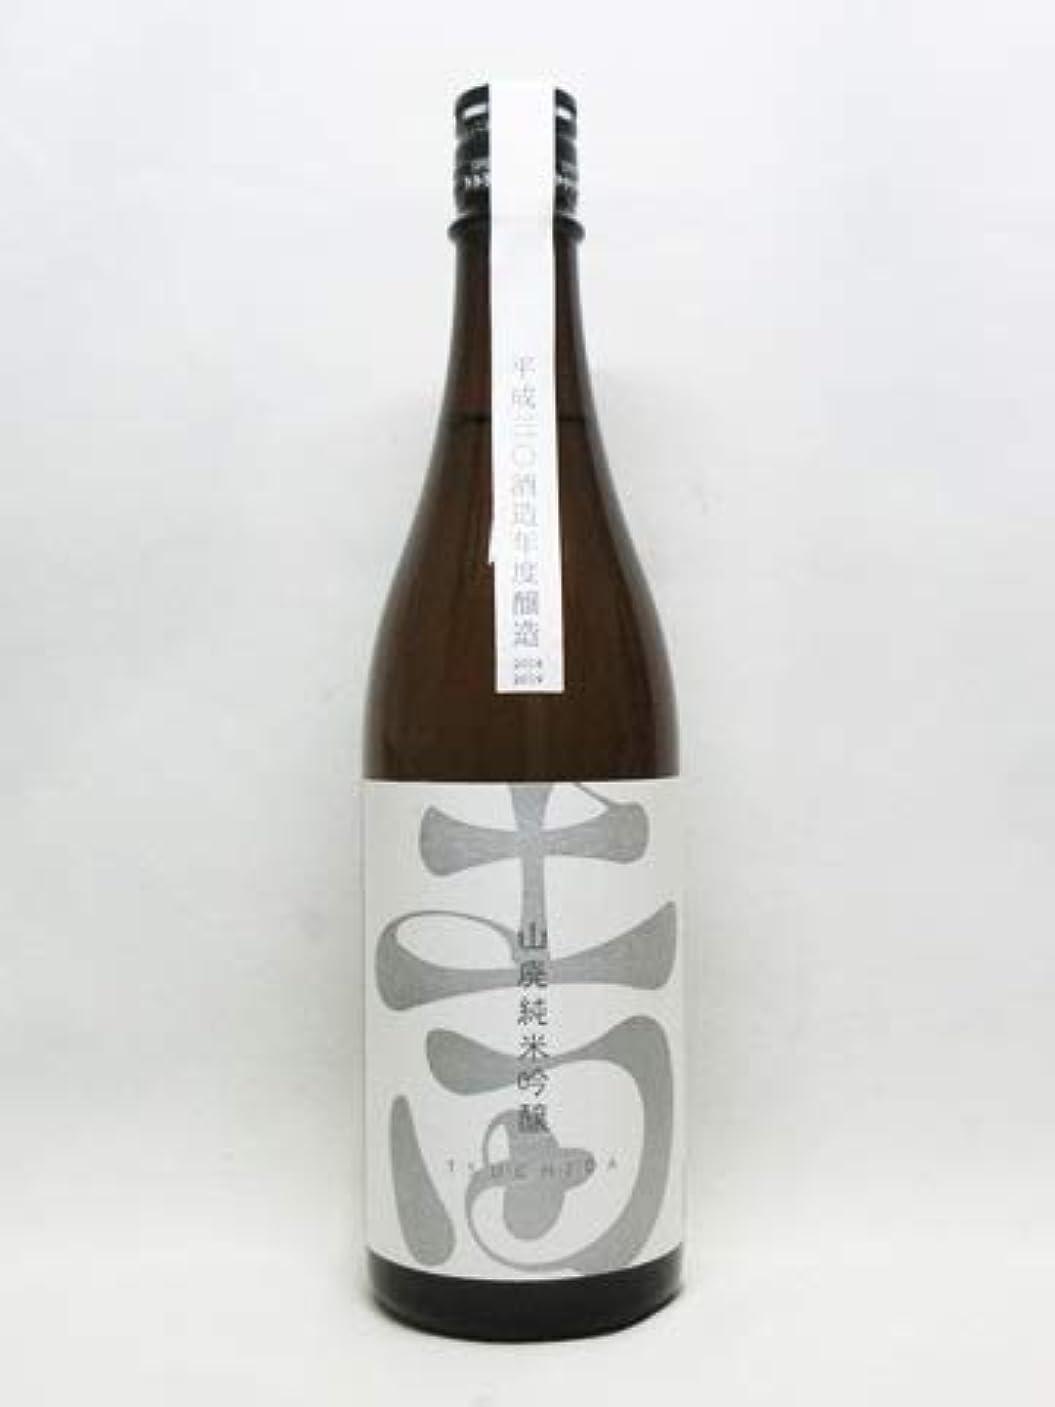 作動する目覚めるホップ日本酒 土田 山廃純米吟醸 720ml 土田酒造